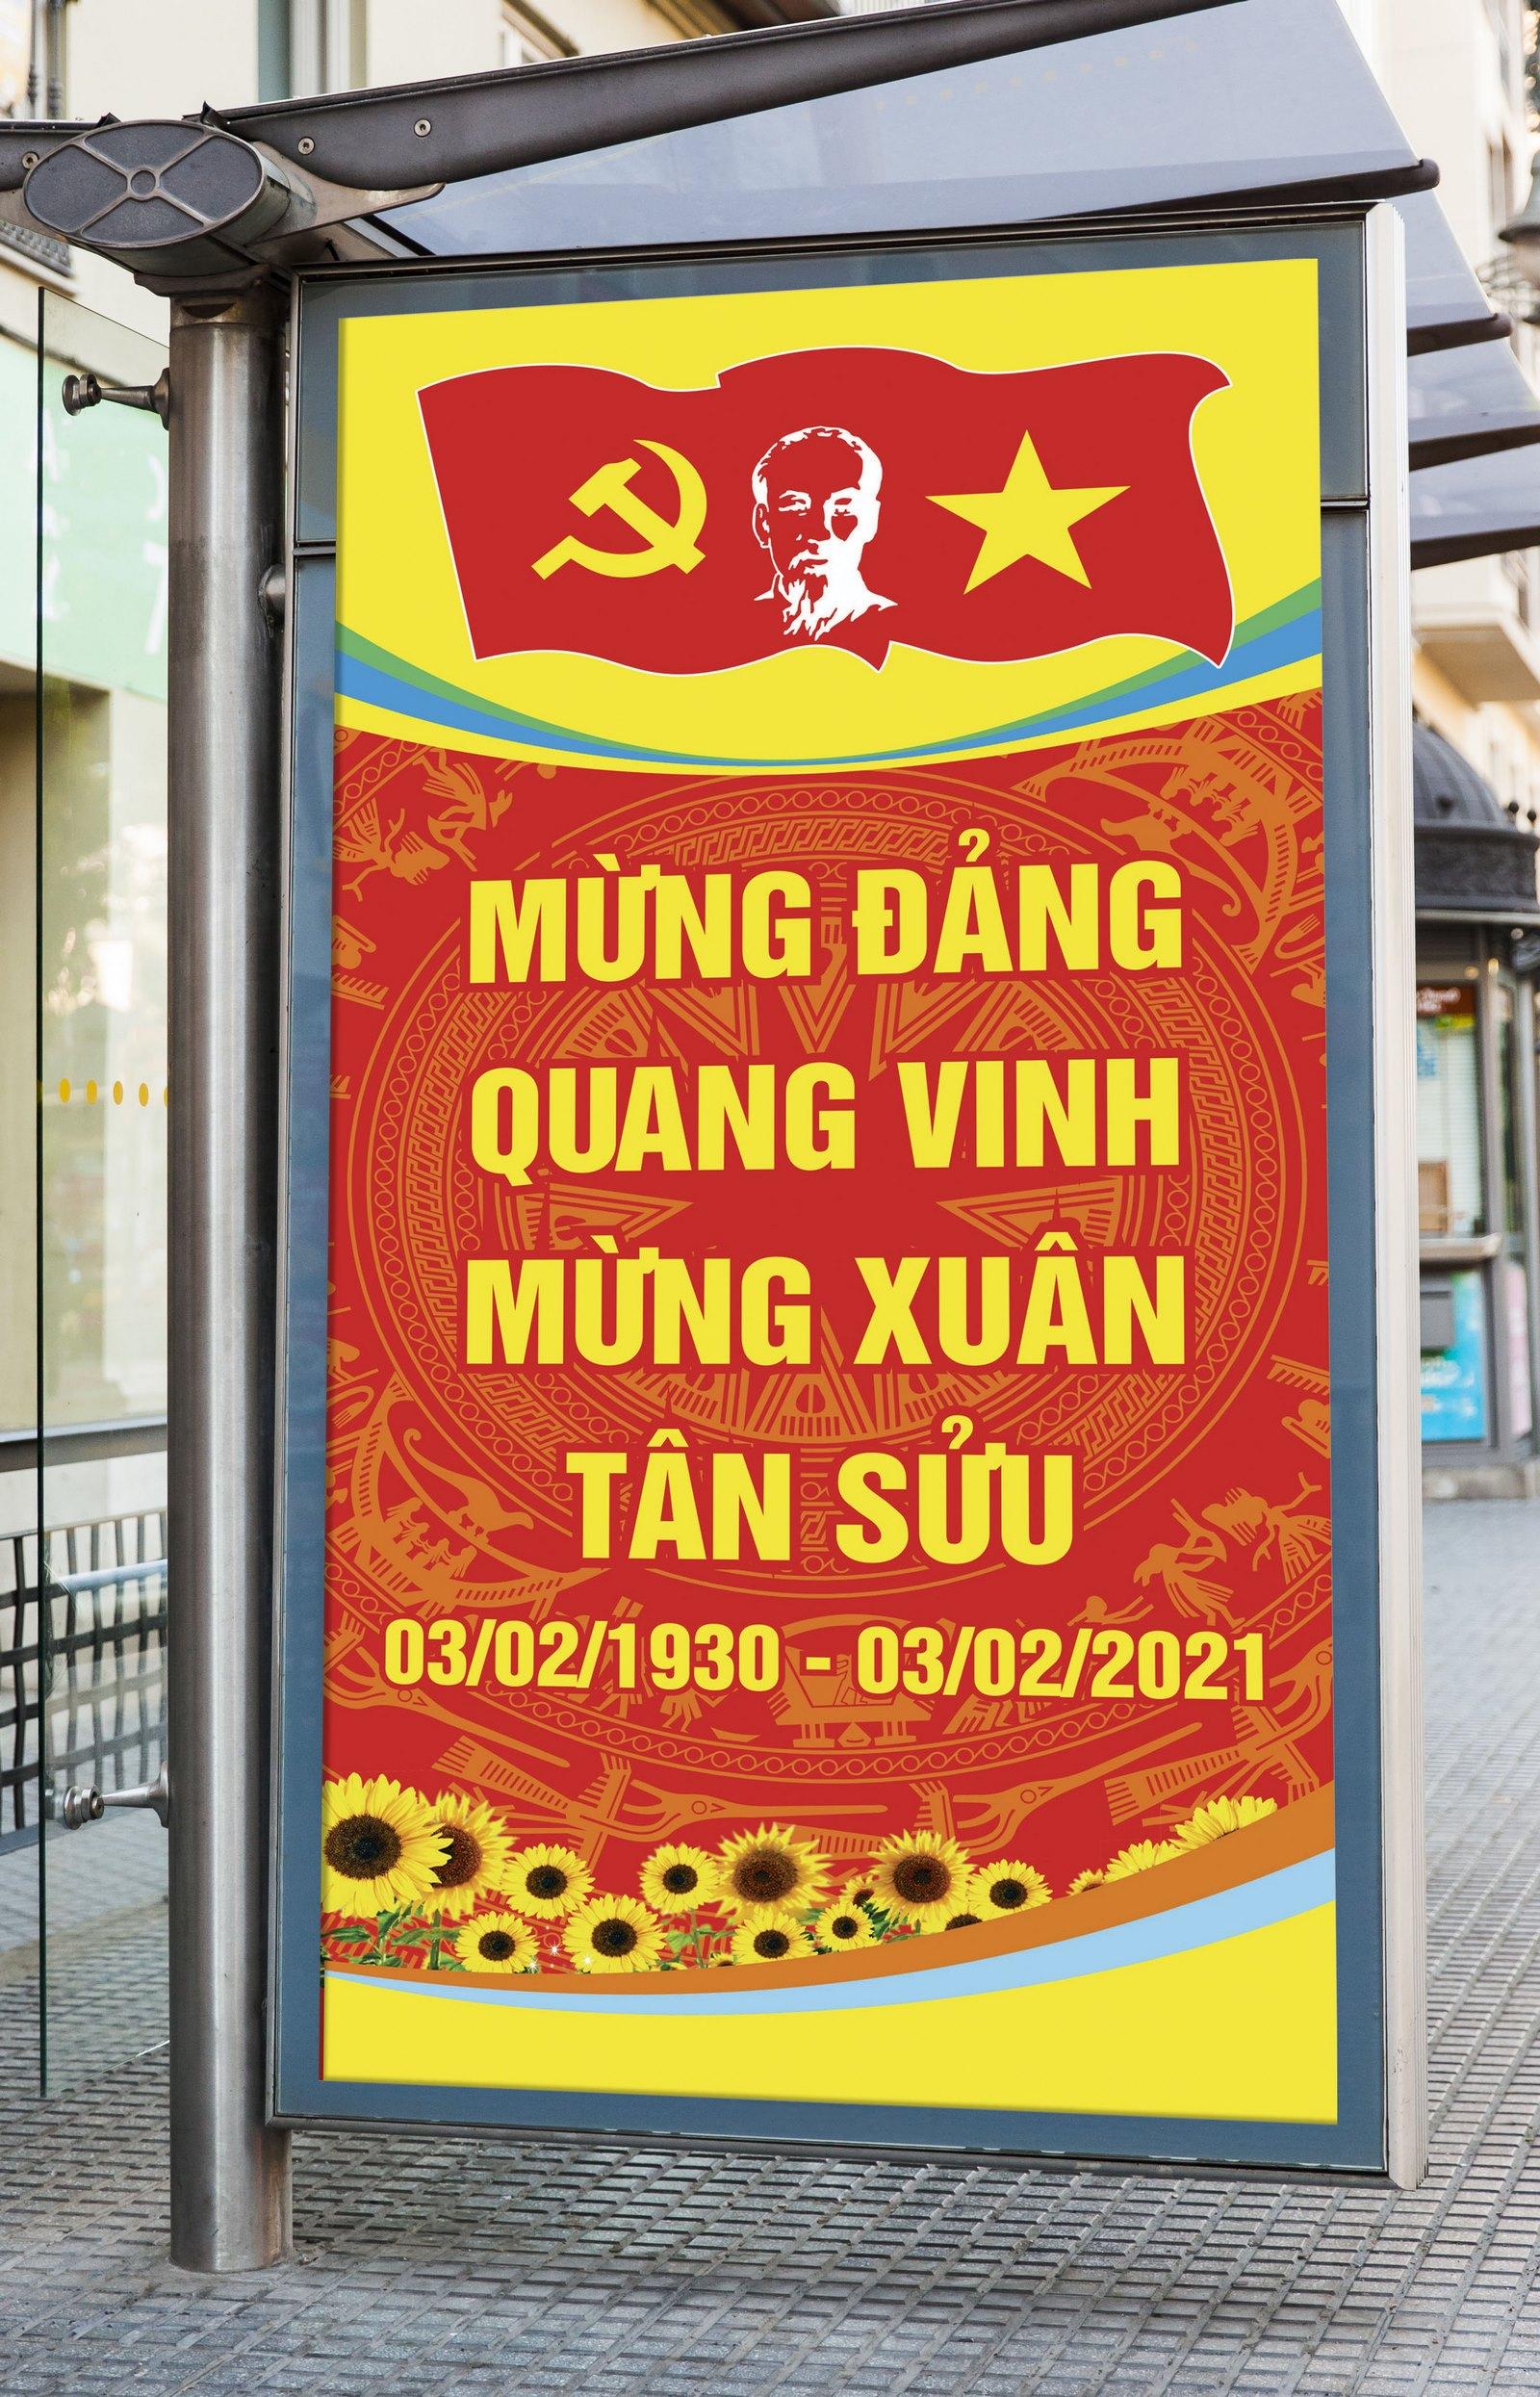 Pano tranh cổ động mừng đảng mừng xuân 2021 04